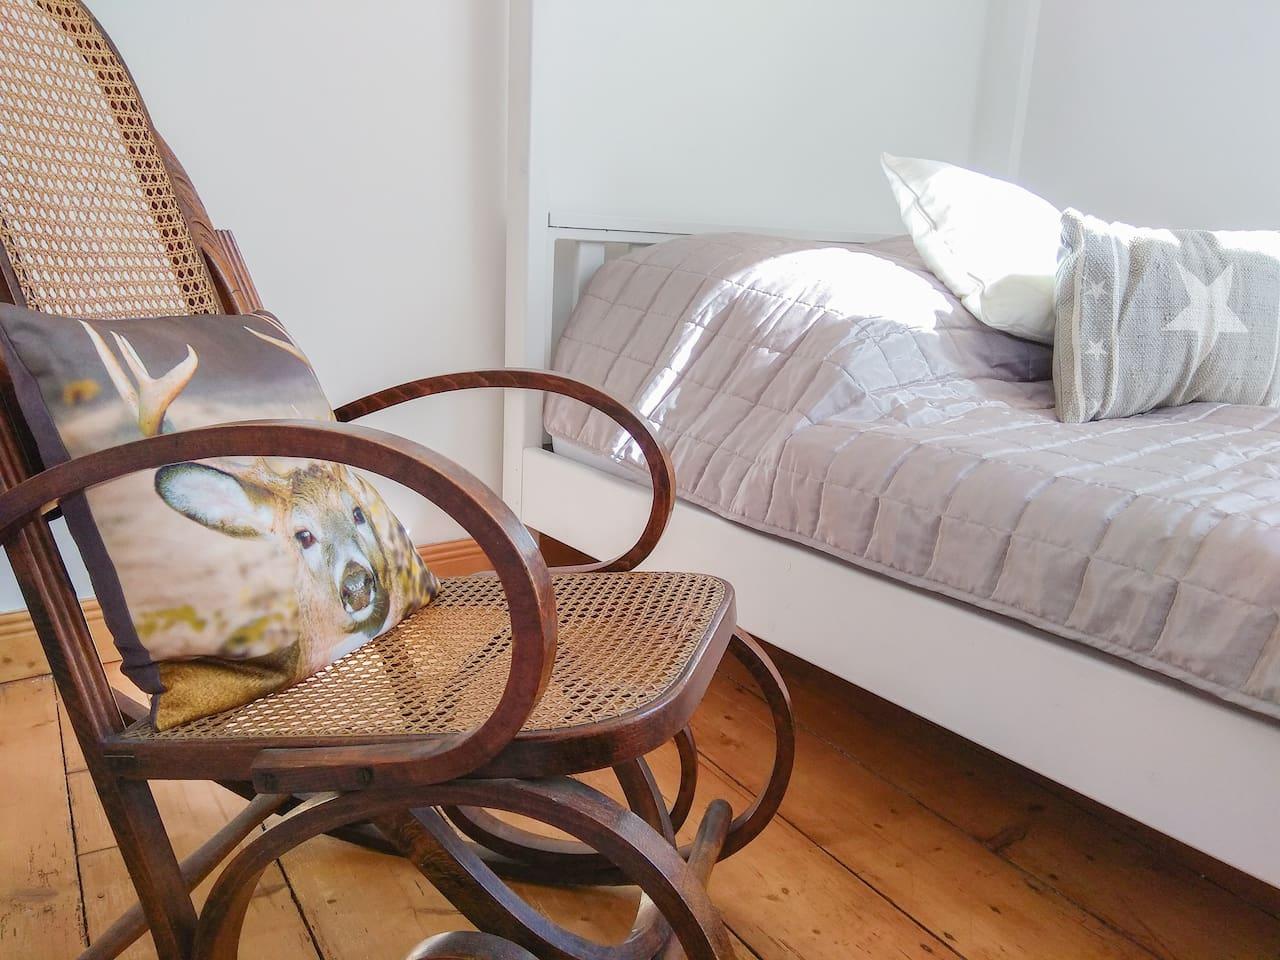 Alkhove bed in bedroom 1